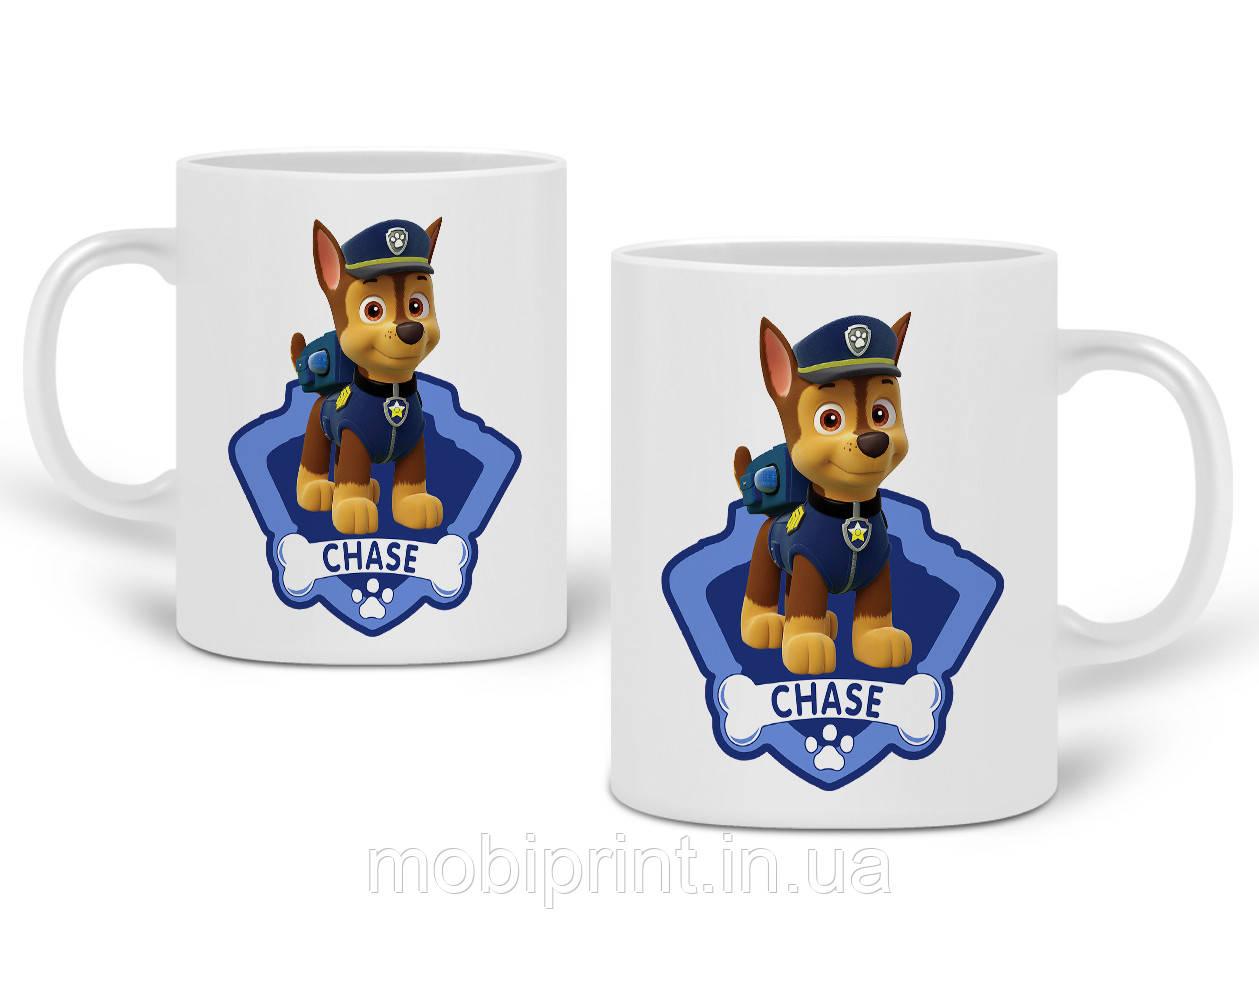 Гуртка Дитячого патруль (PAW Patrol) 330 мл Чашка Керамічна (20259-1610)